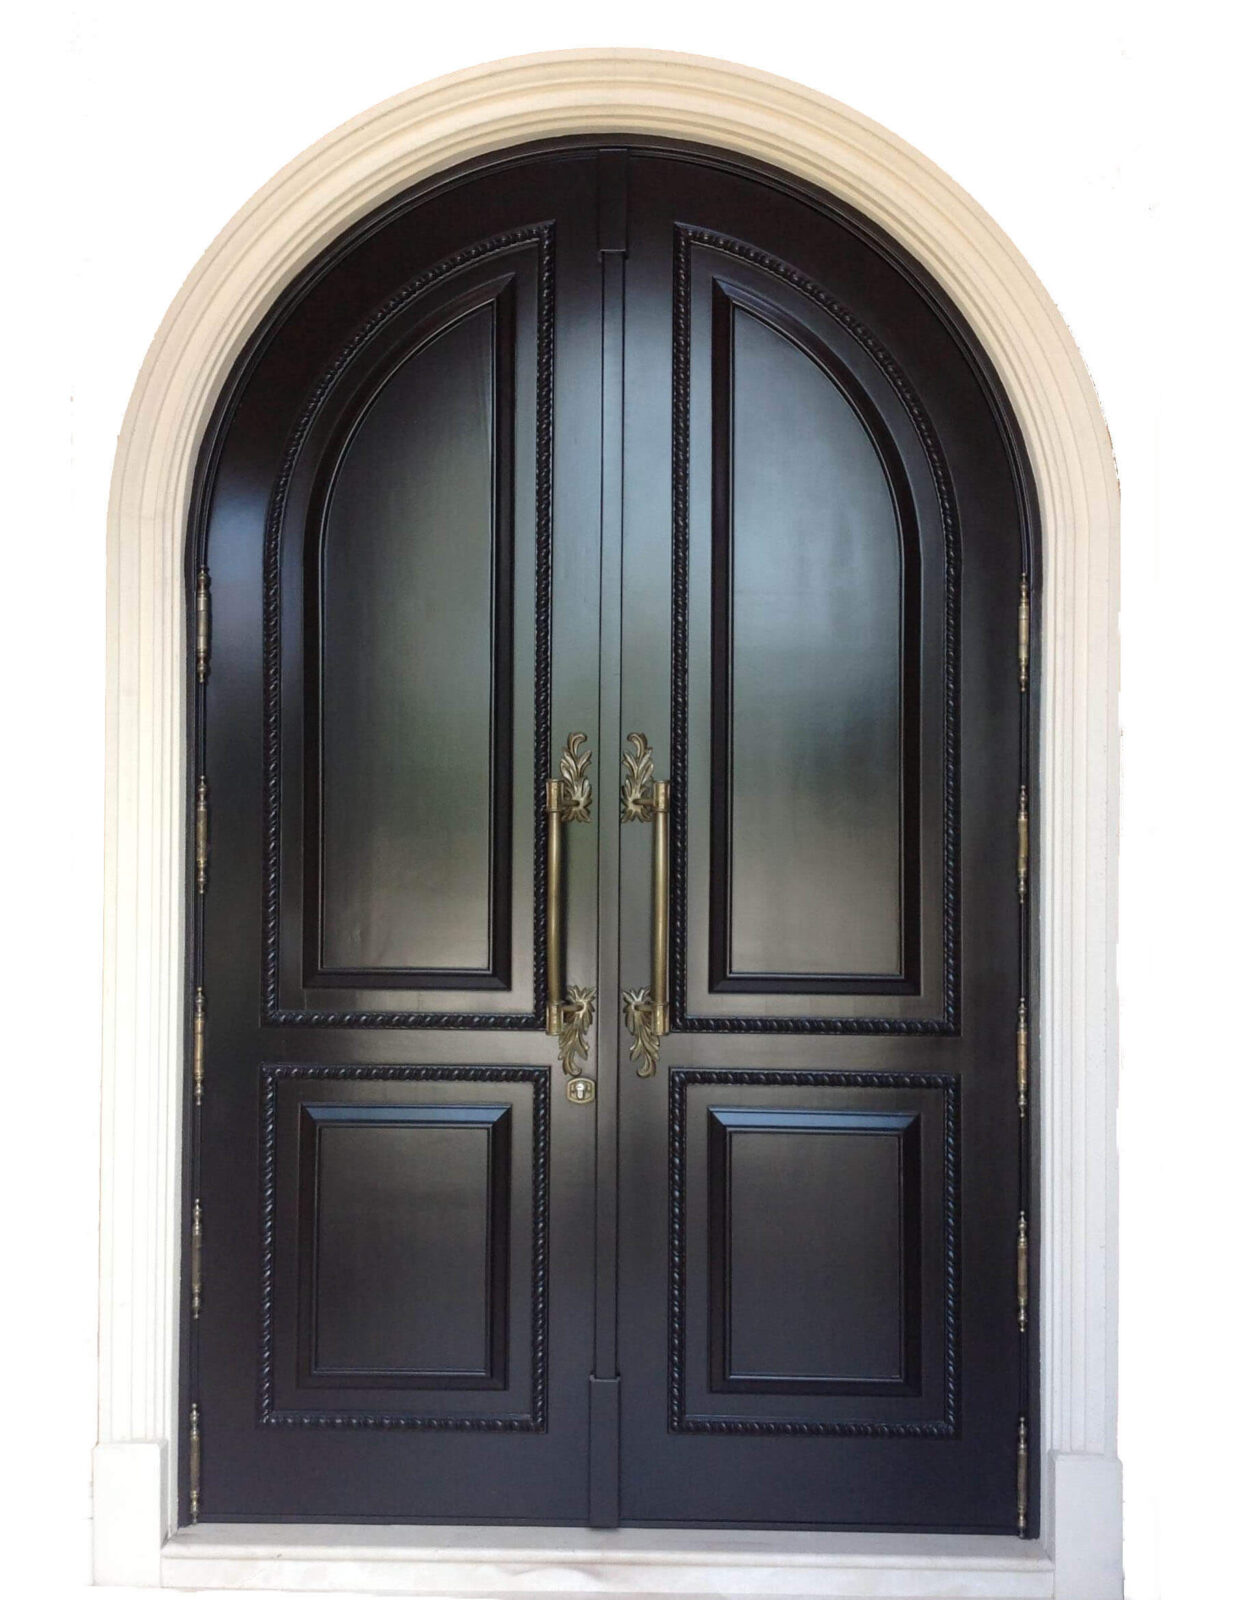 ALLISON ISLAND MAHOGANY ENTRY DOOR